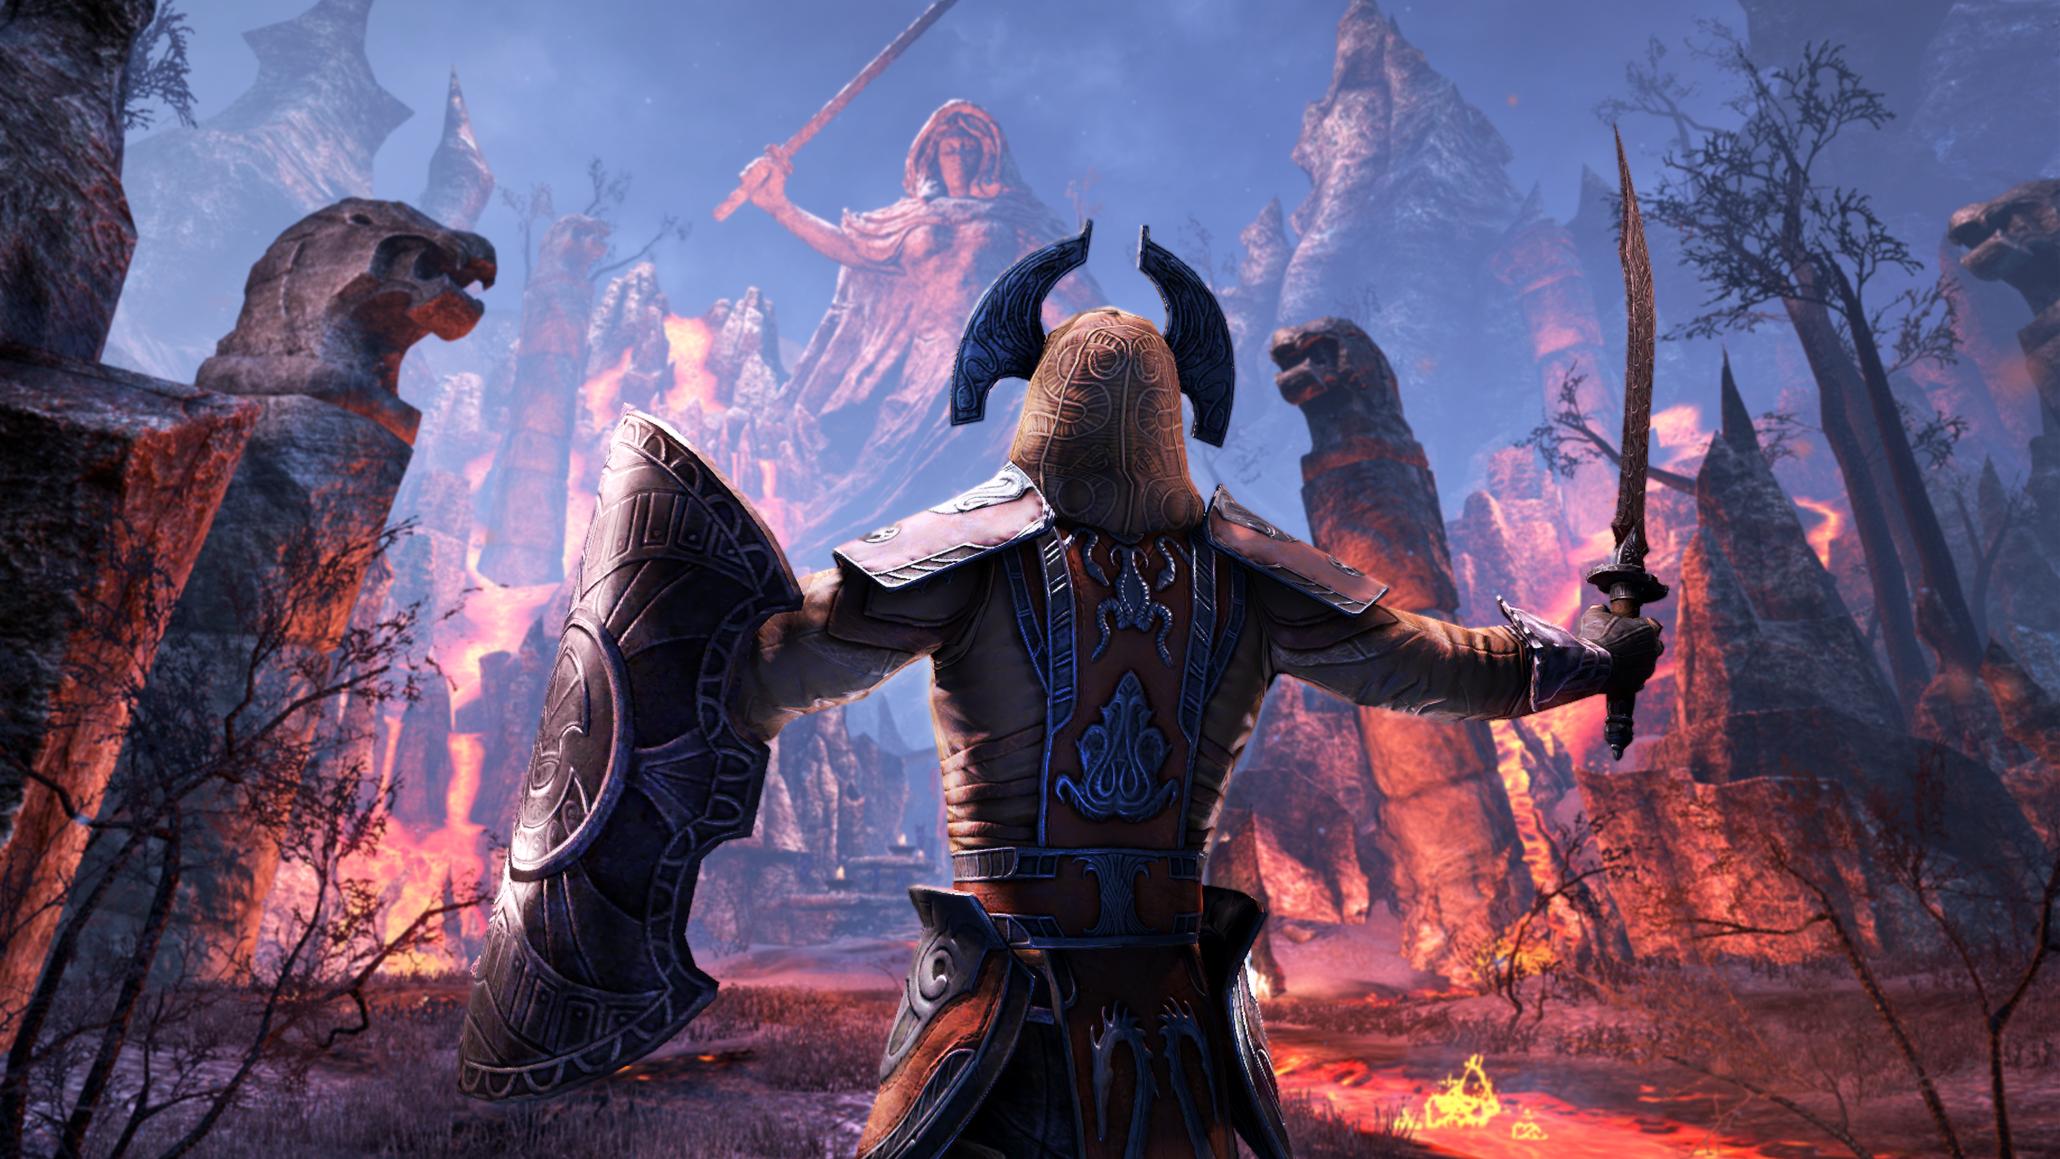 One Tamriel Update Goes Live for Elder Scrolls Online